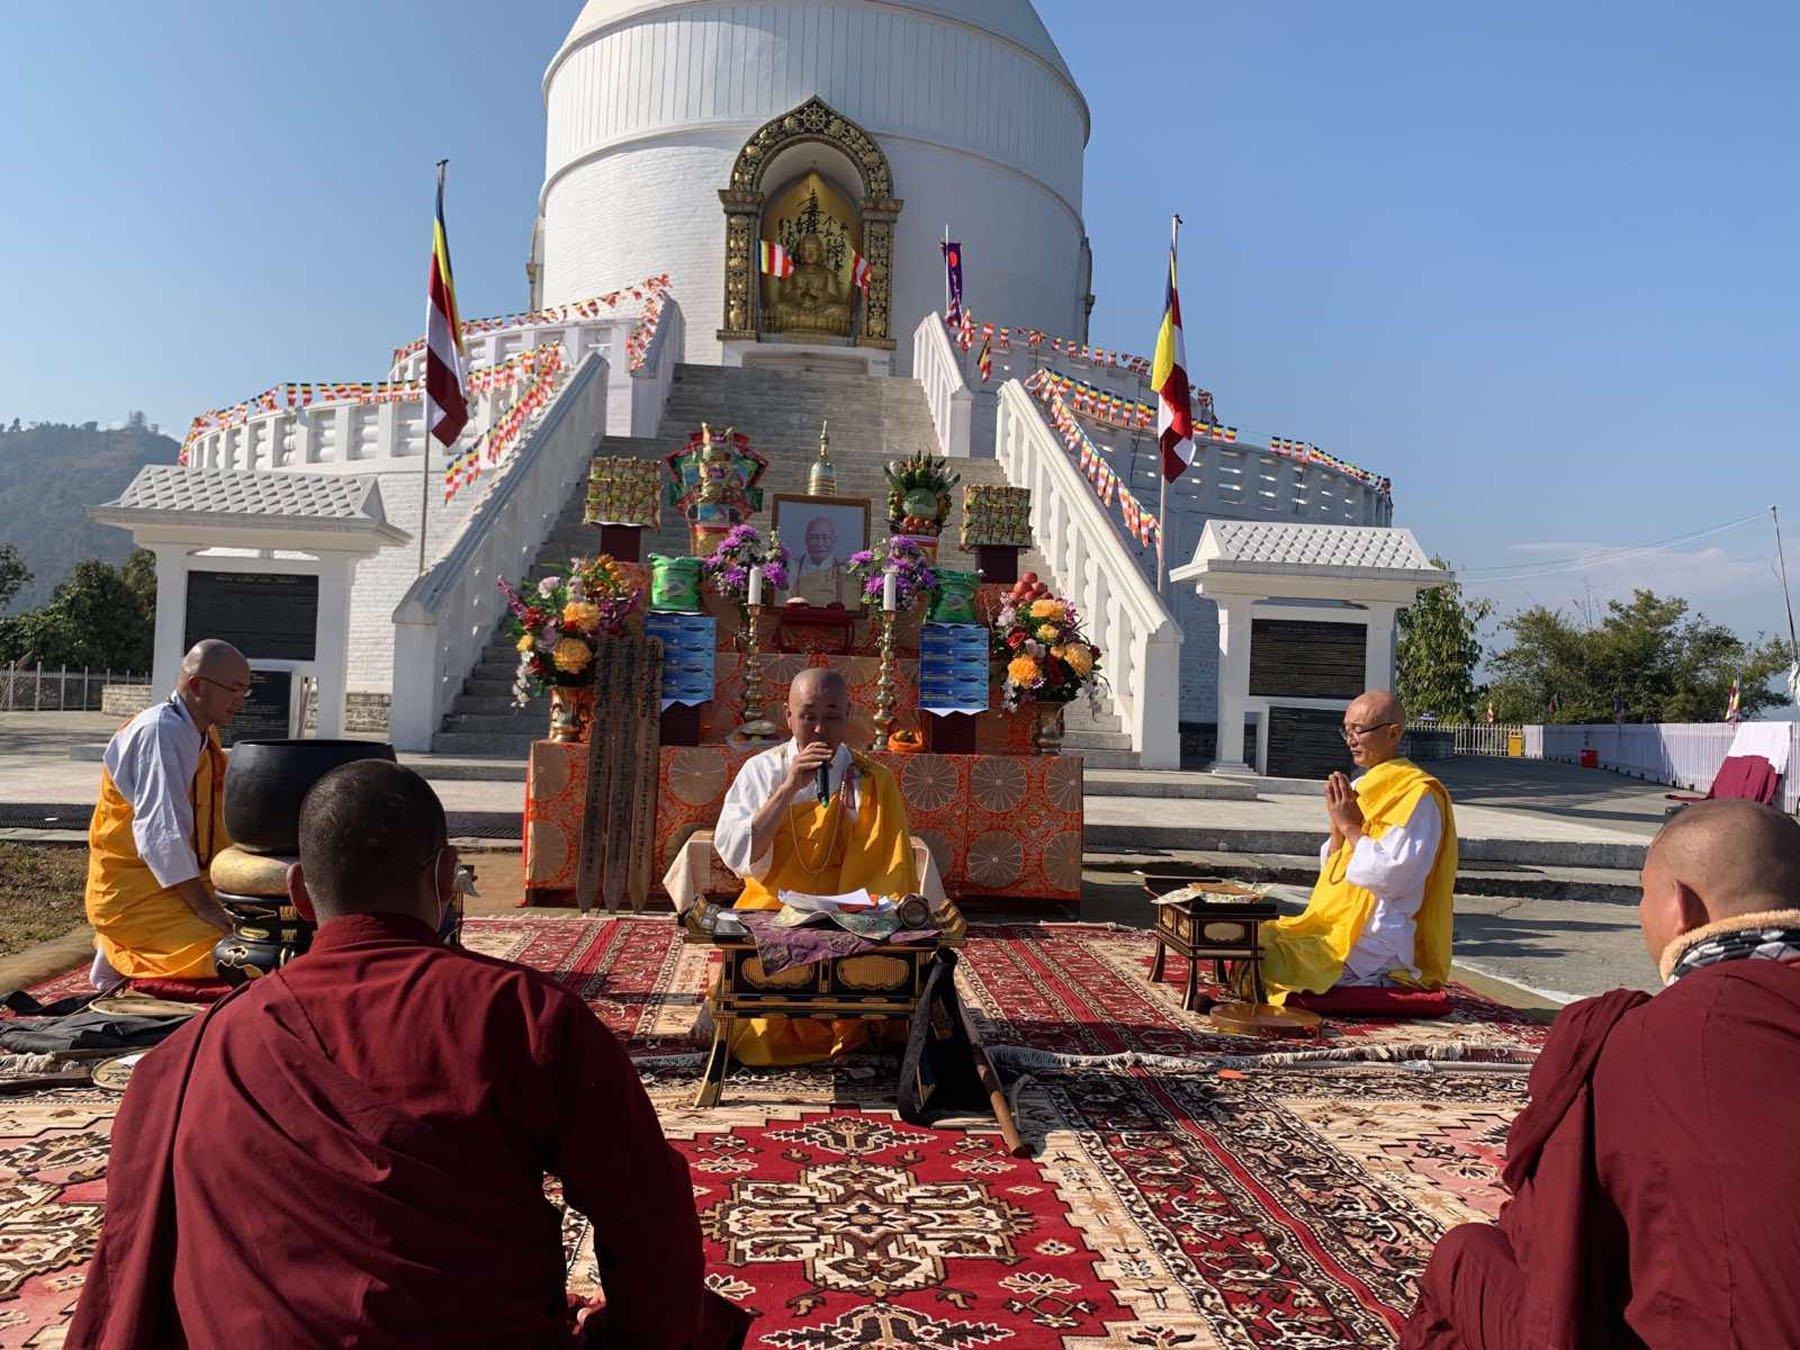 शान्ति स्तूप खुलाः आन्तरिक पर्यटक बढ्ने विश्वास